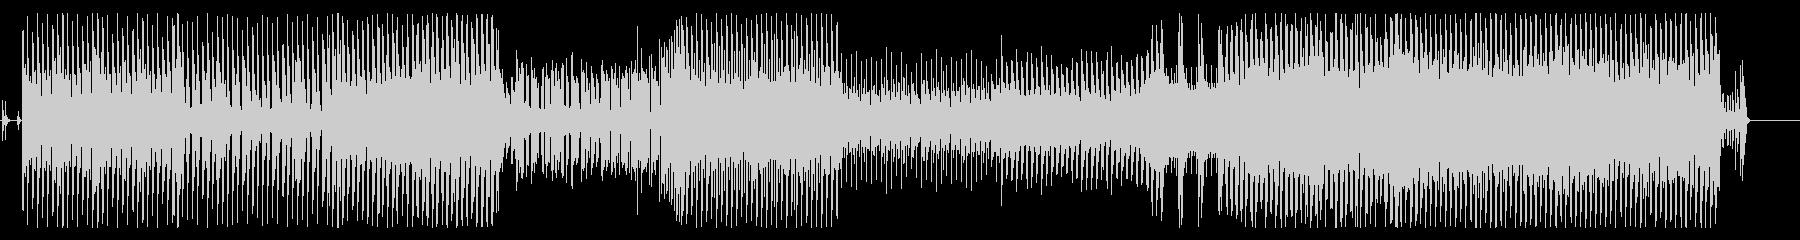 和楽器を使った怪しげな雰囲気のファンクの未再生の波形